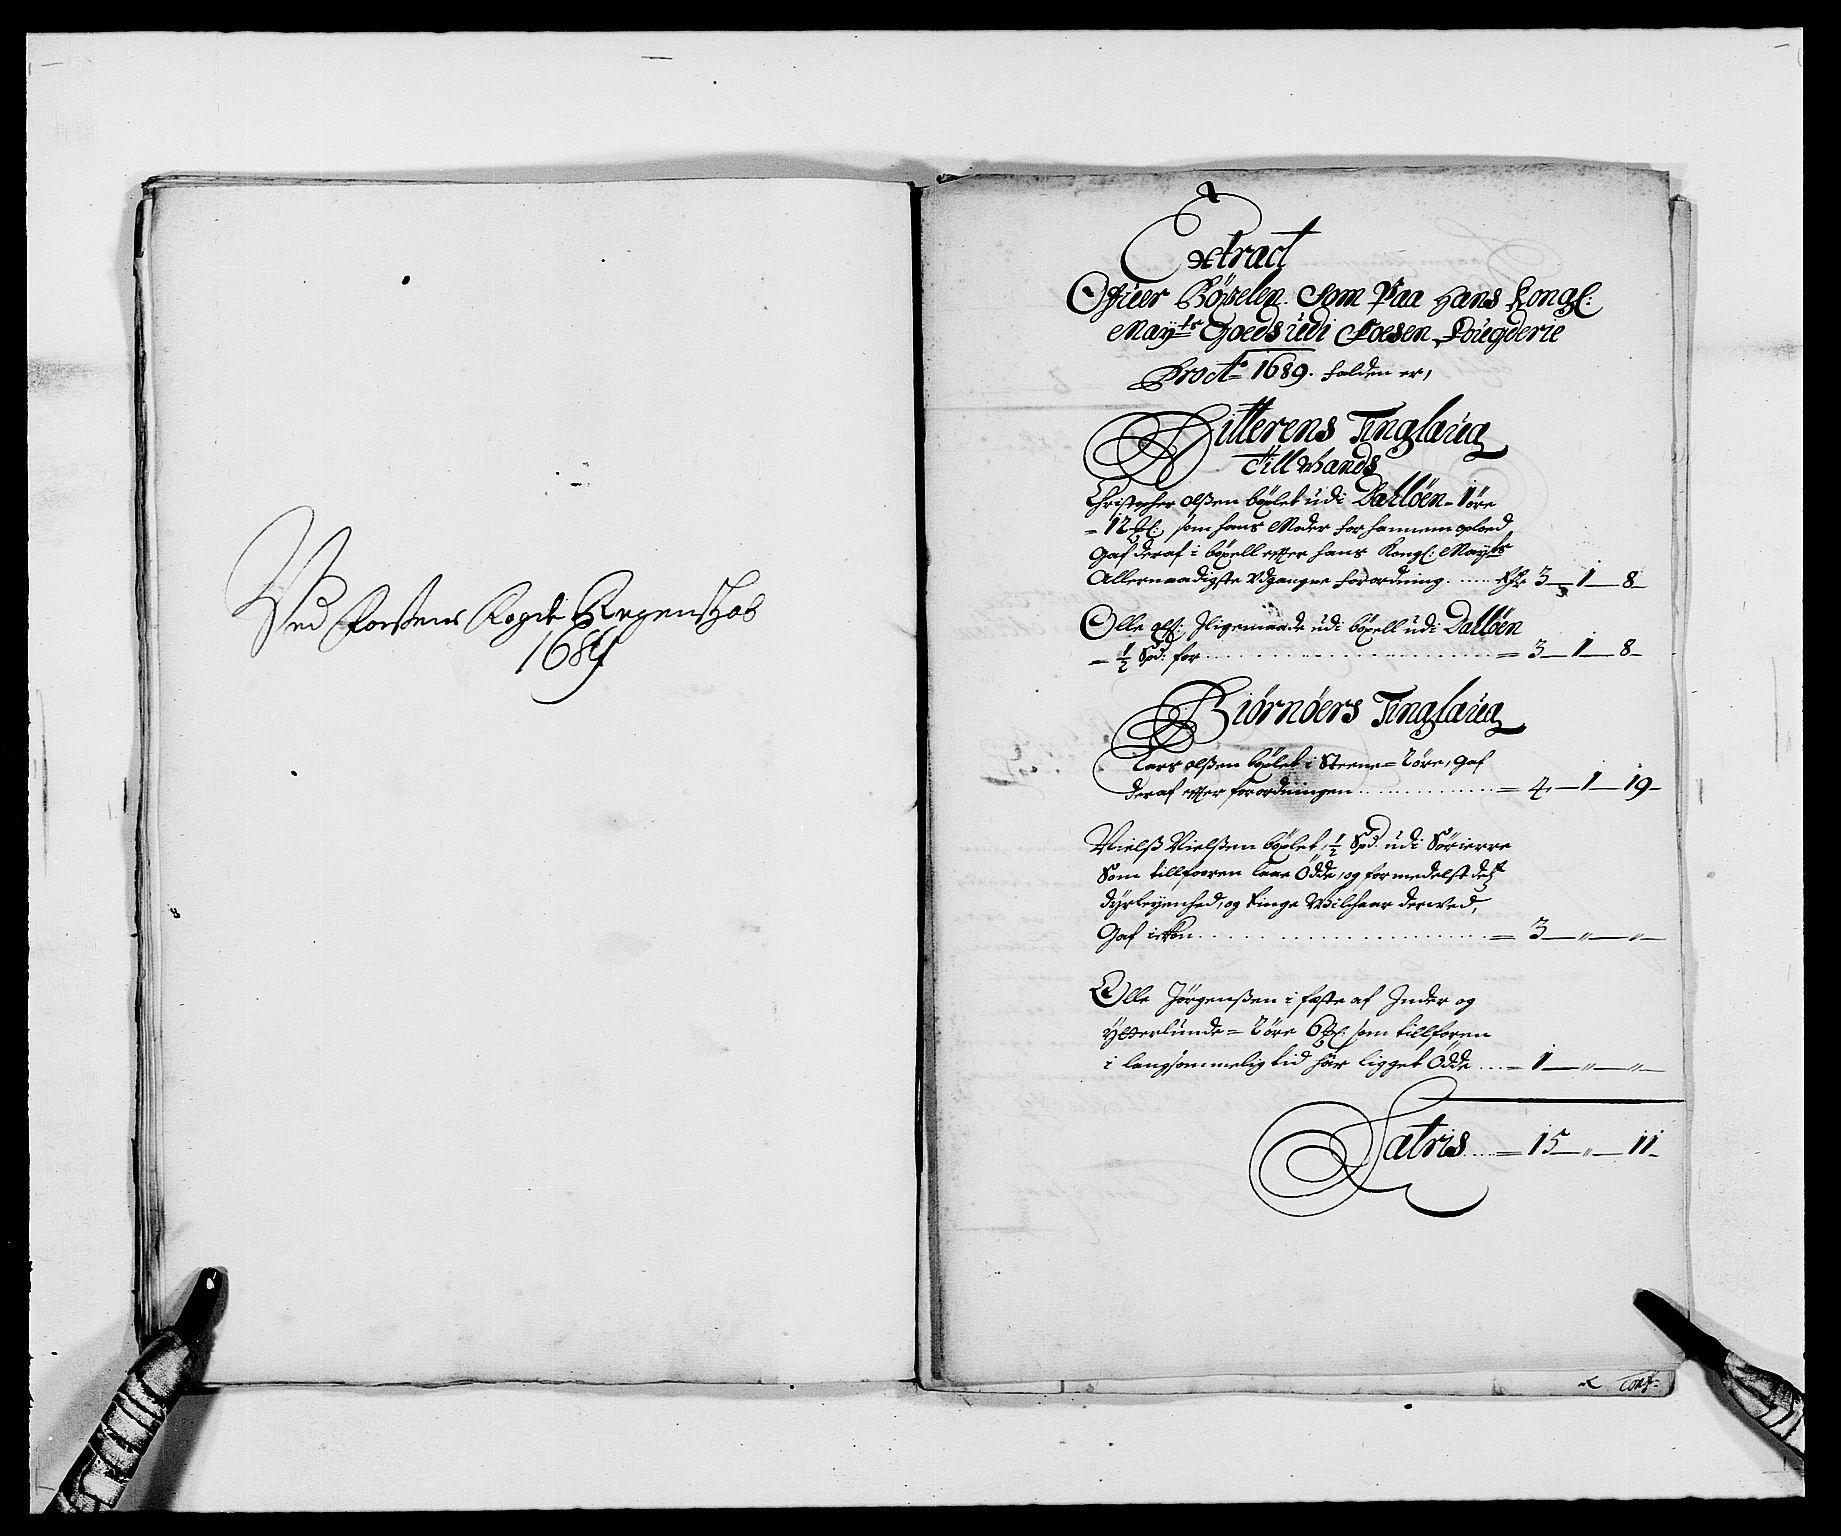 RA, Rentekammeret inntil 1814, Reviderte regnskaper, Fogderegnskap, R57/L3847: Fogderegnskap Fosen, 1689, s. 115